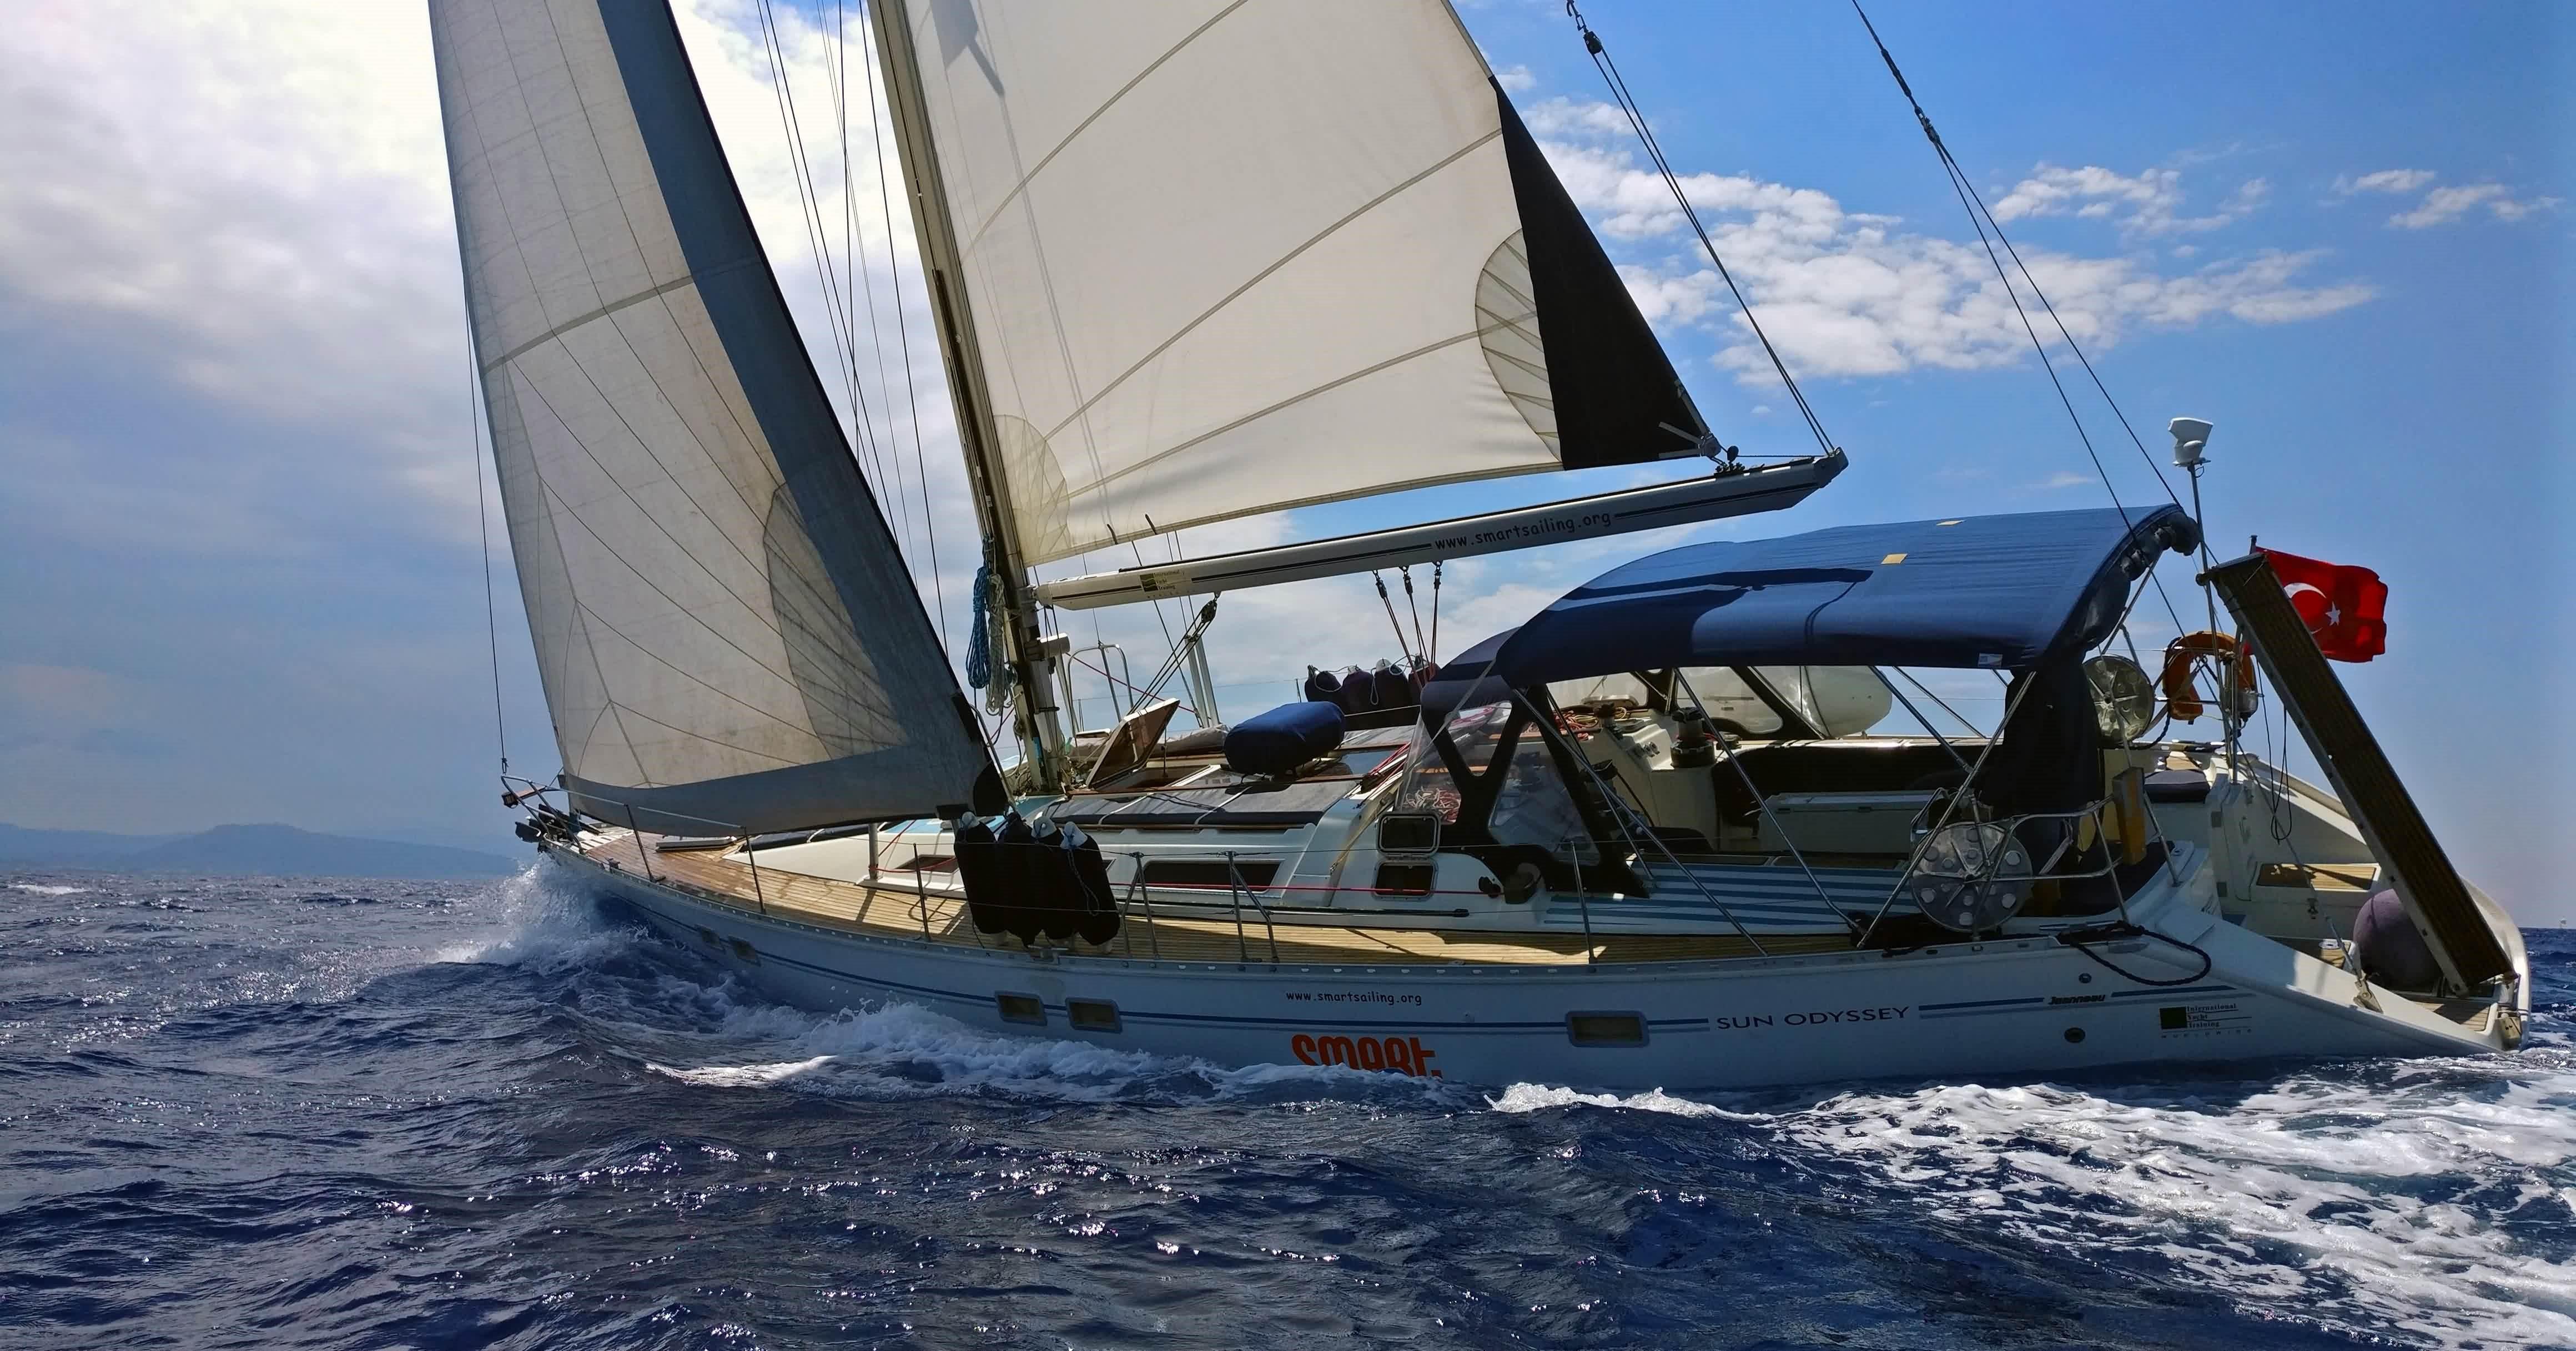 1991 Jeanneau Sun Odyssey 51 Sail Boat For Sale Www